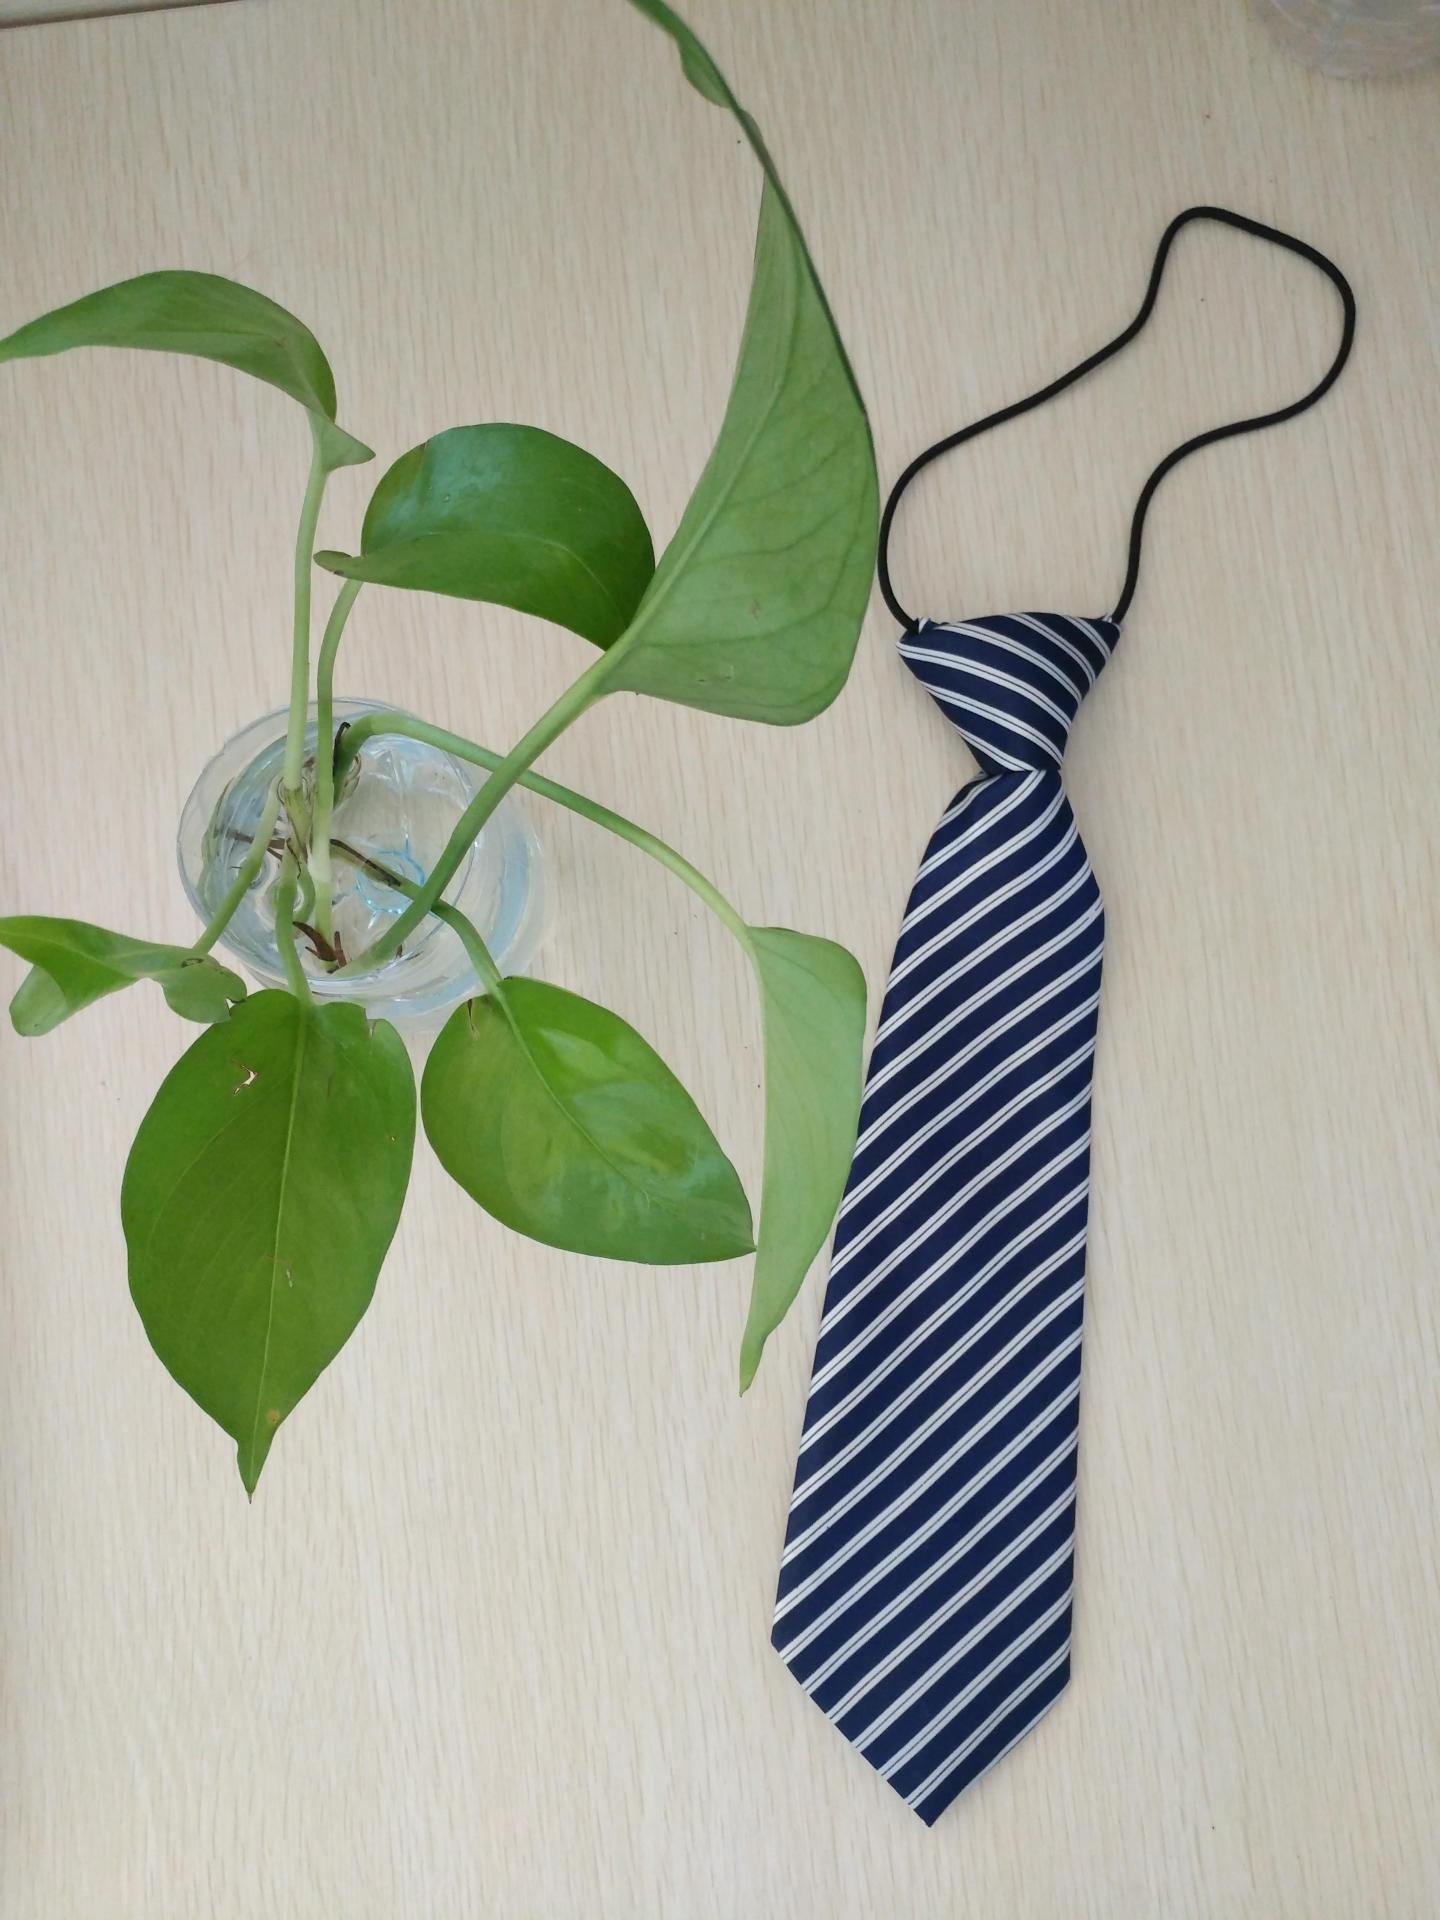 2020新款儿童西服条纹领带西装配饰赠品一件代发厂家批发小礼品